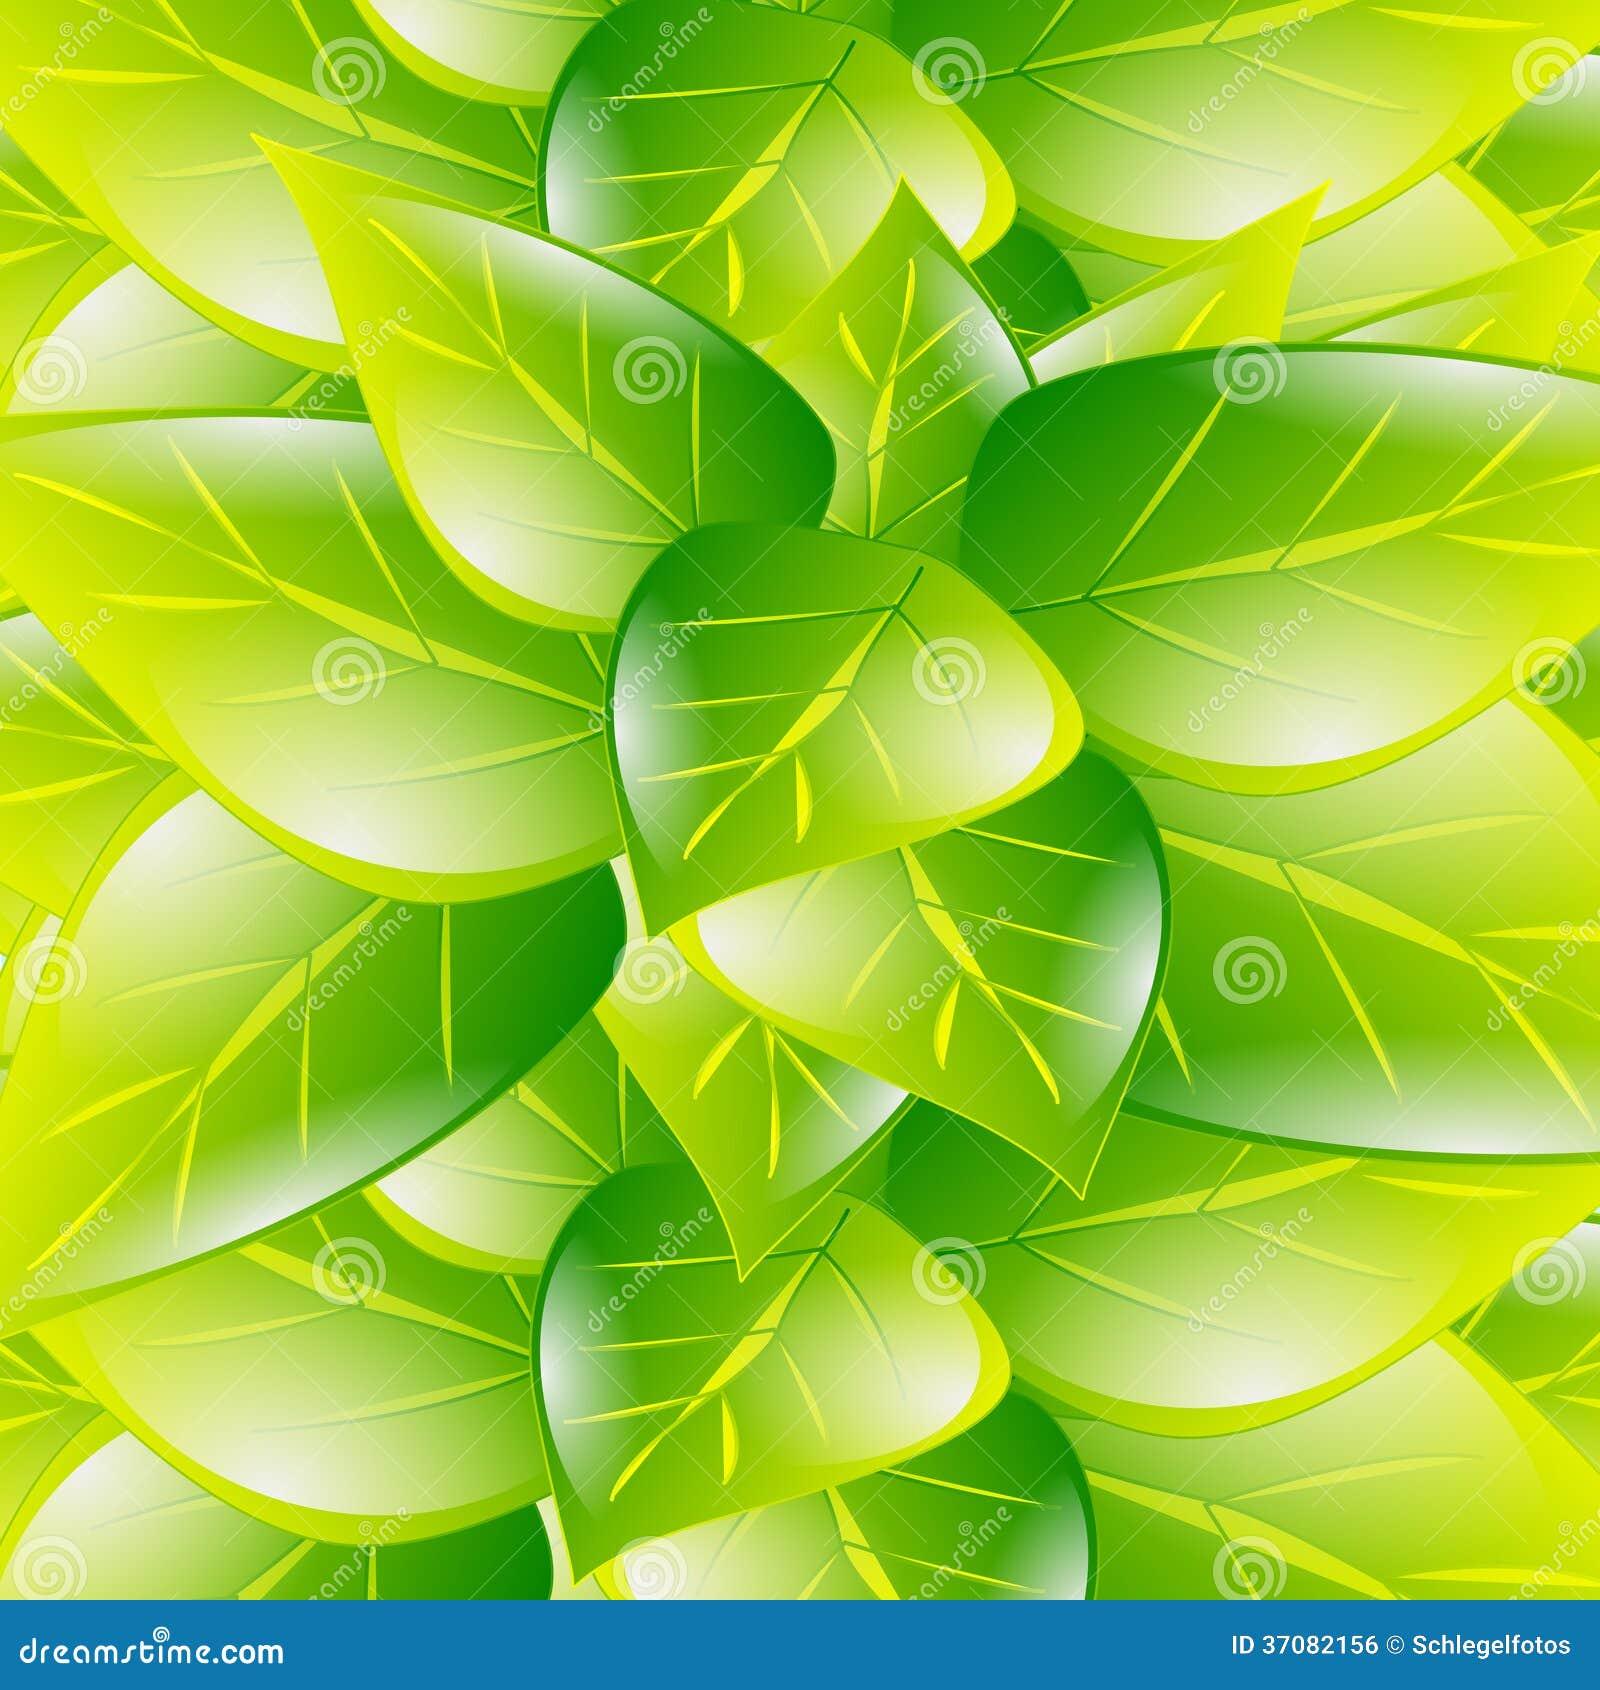 Download Zielony liść wiosny tło ilustracji. Ilustracja złożonej z ilustracje - 37082156